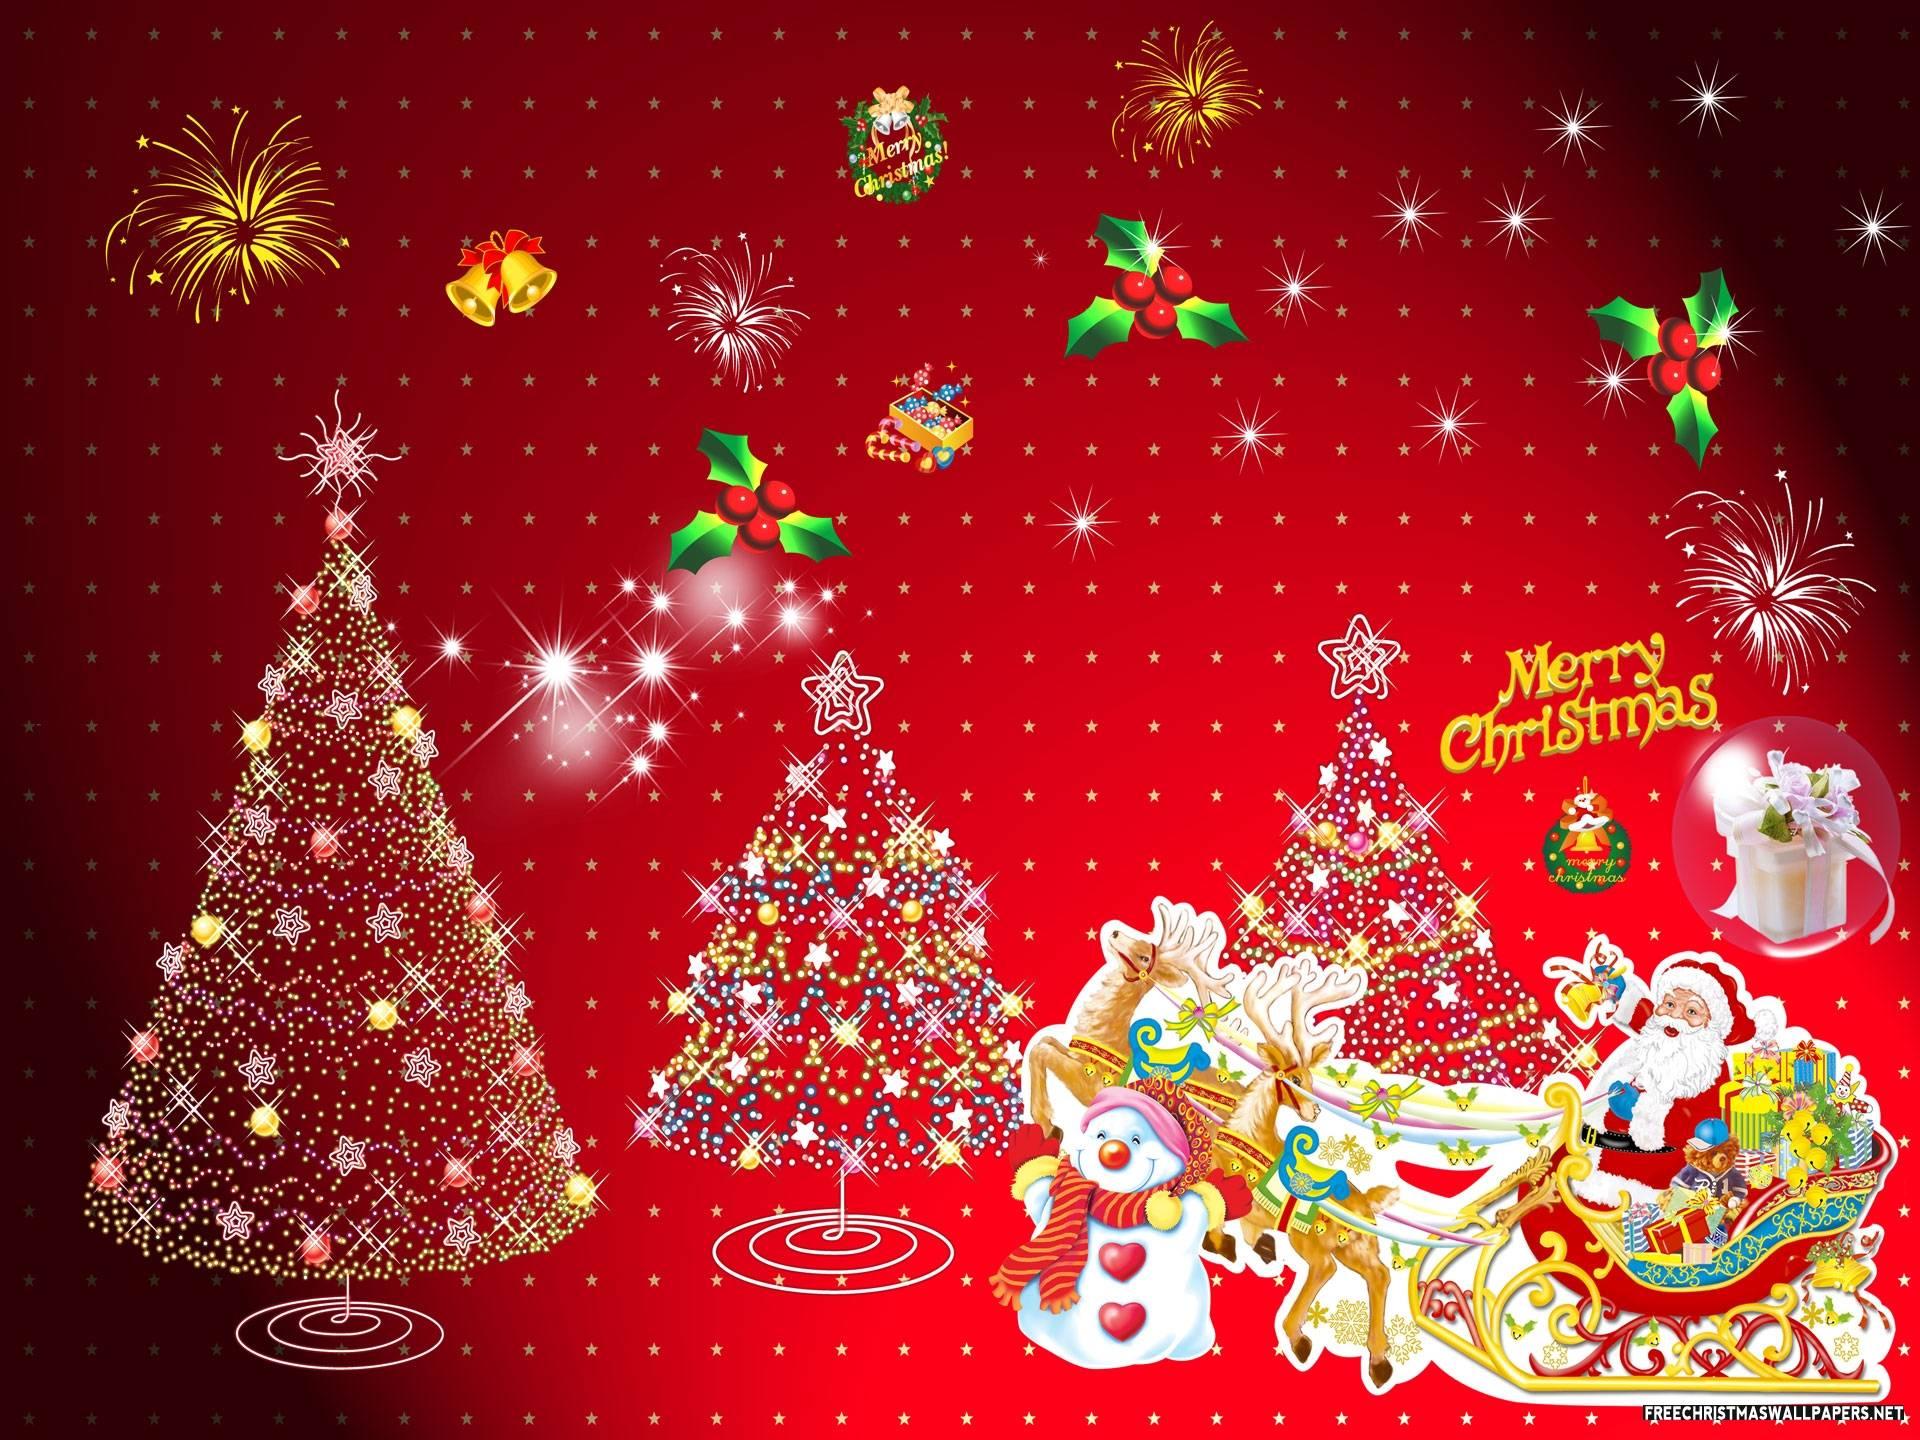 poslovne božićne i novogodišnje čestitke tekst Božične čestitke – Čestitke Za Sve Prilike! poslovne božićne i novogodišnje čestitke tekst